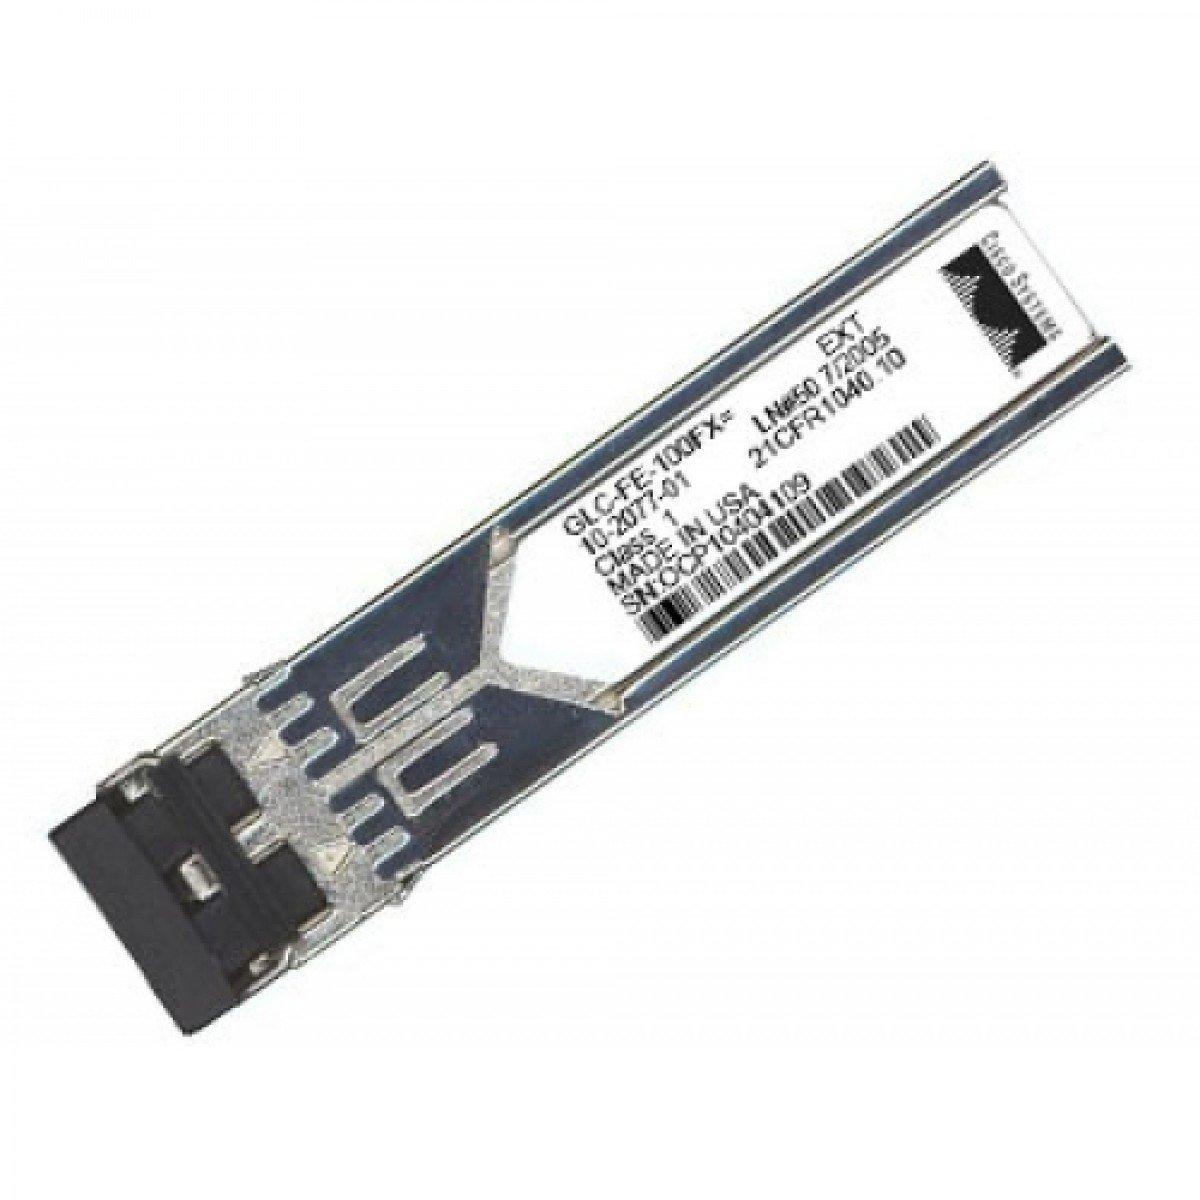 CISCO GLC-FE-100FX= S 414 100BASE-FX SFP for FE port Buy GLC-FE-100FX IT Cisco 100BASE-FX SFP Transceiver Module GLC-FE-100FX= S